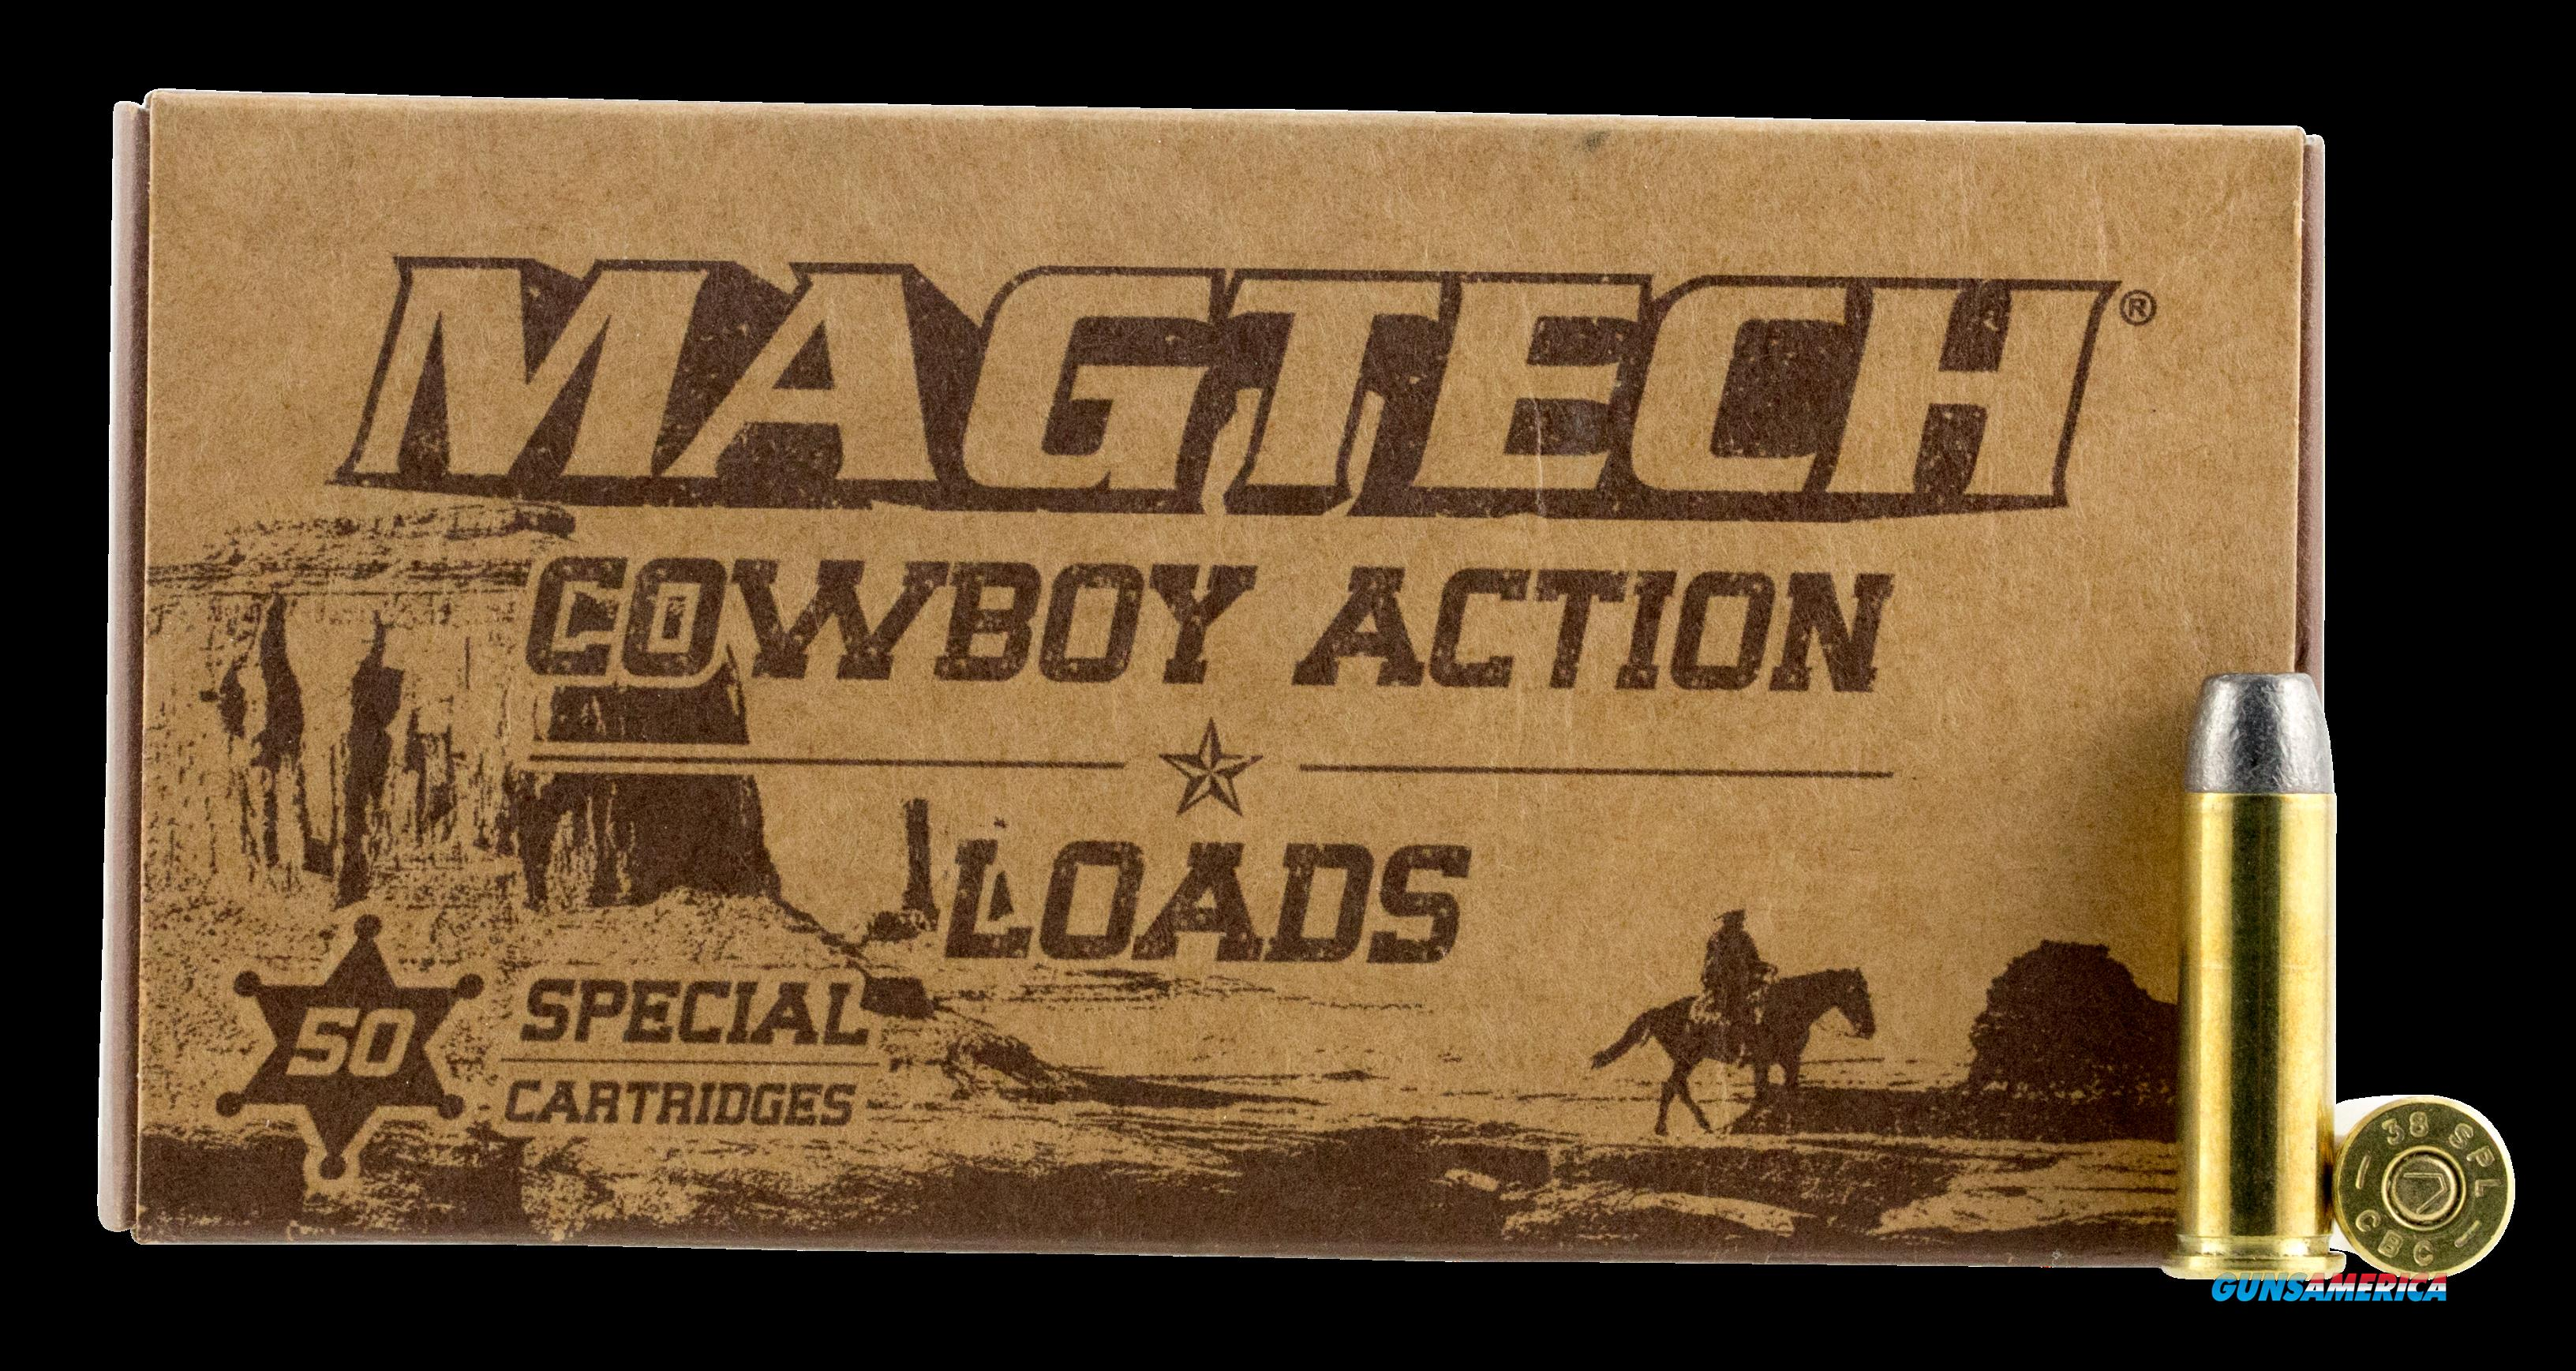 Magtech Cowboy Action, Magtech 38l   Cowboy 38sp 158 Lfn50-20  Guns > Pistols > 1911 Pistol Copies (non-Colt)